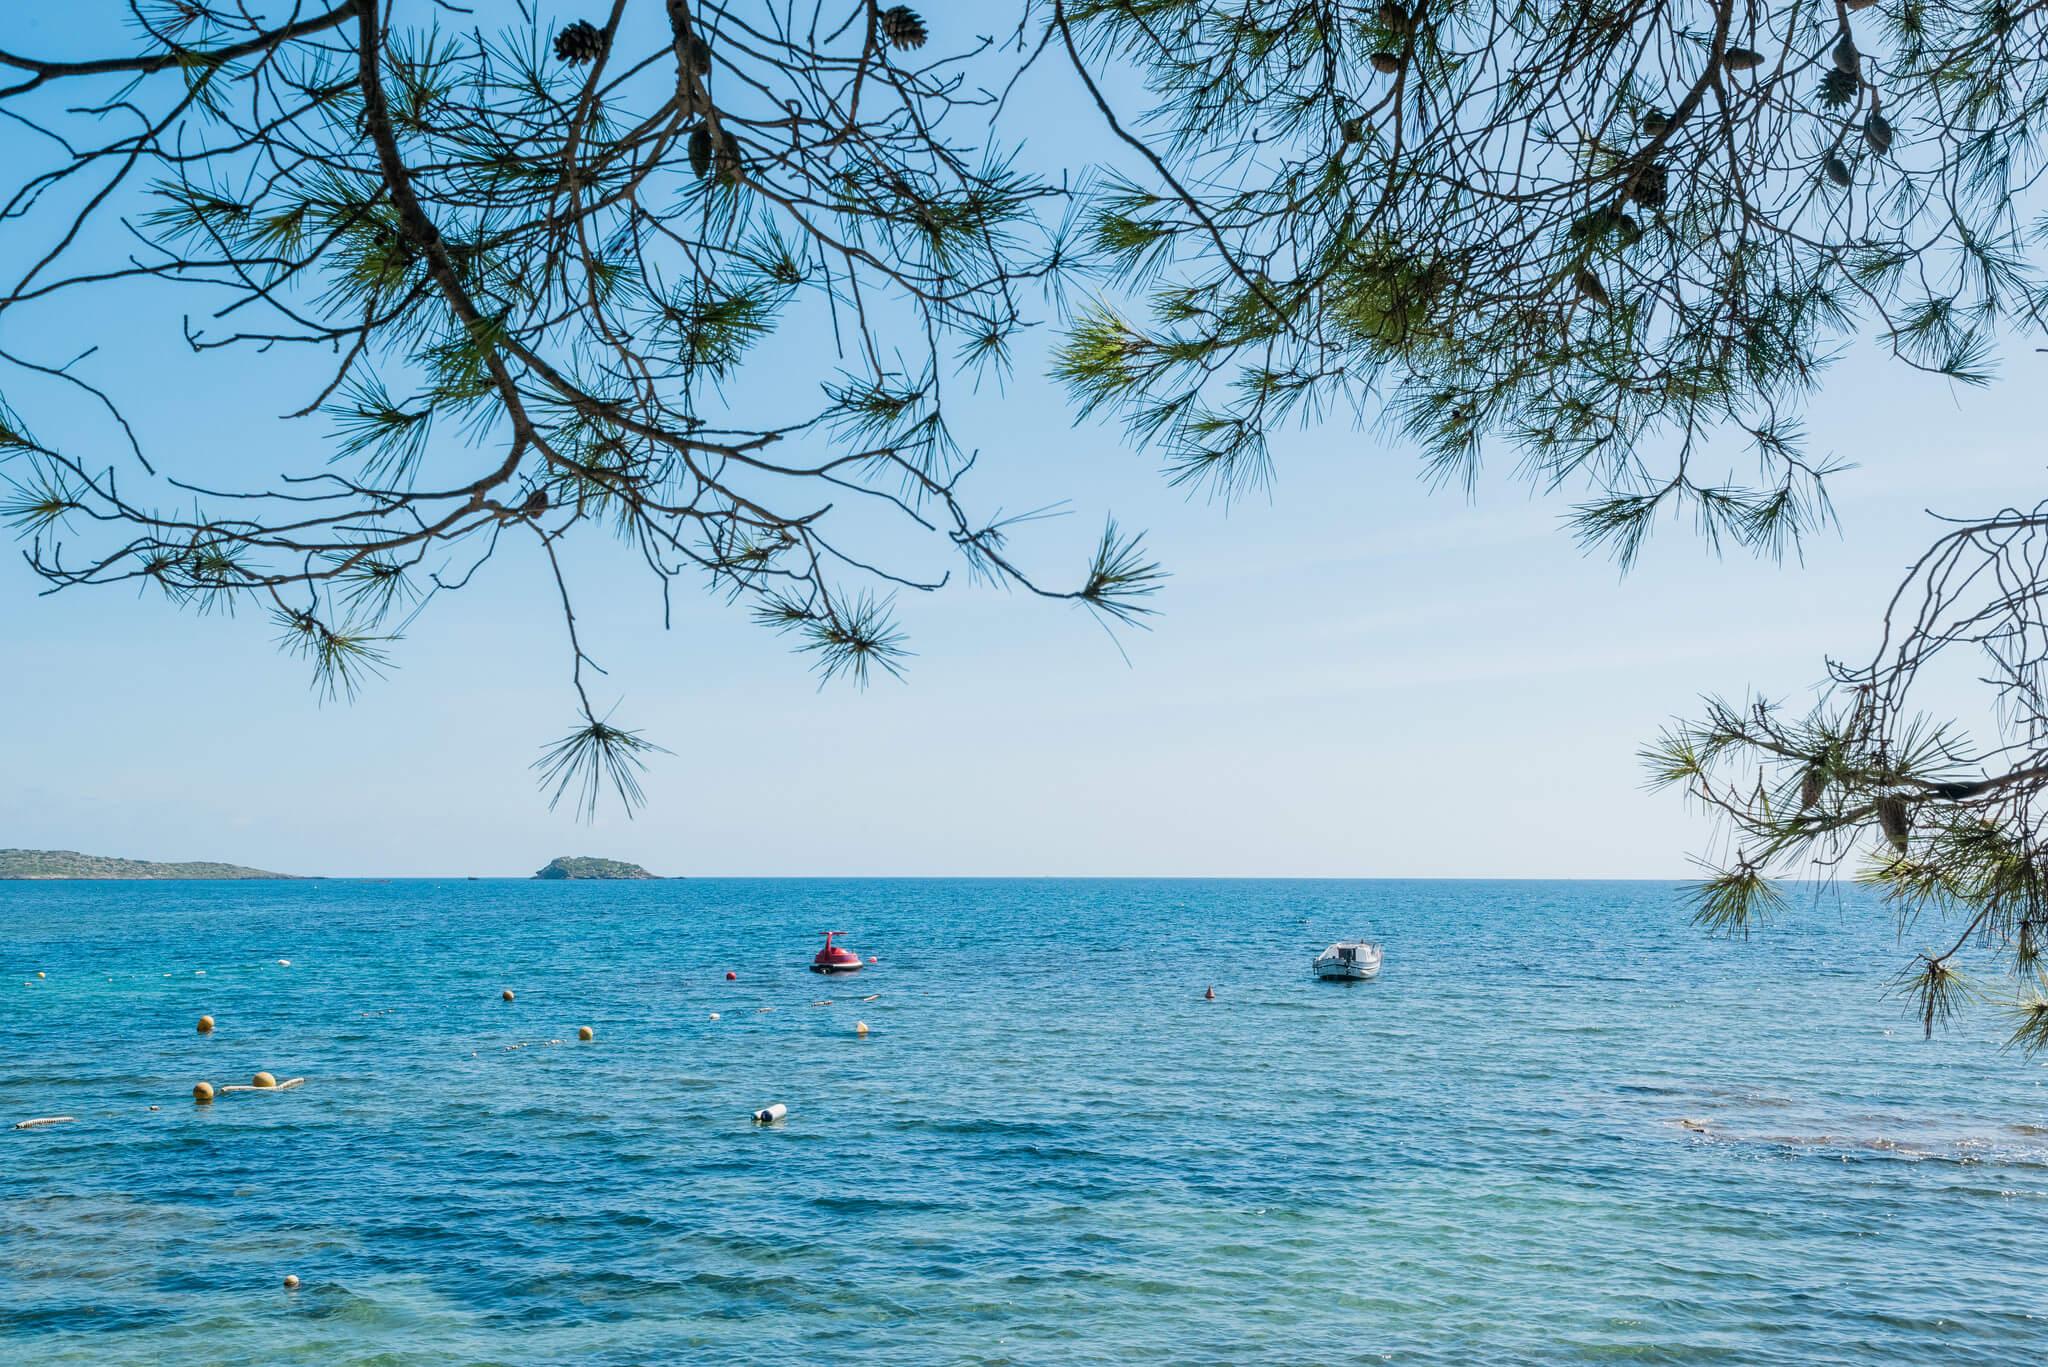 https://www.white-ibiza.com/wp-content/uploads/2020/03/ibiza-beaches-cala-pada-02.jpg